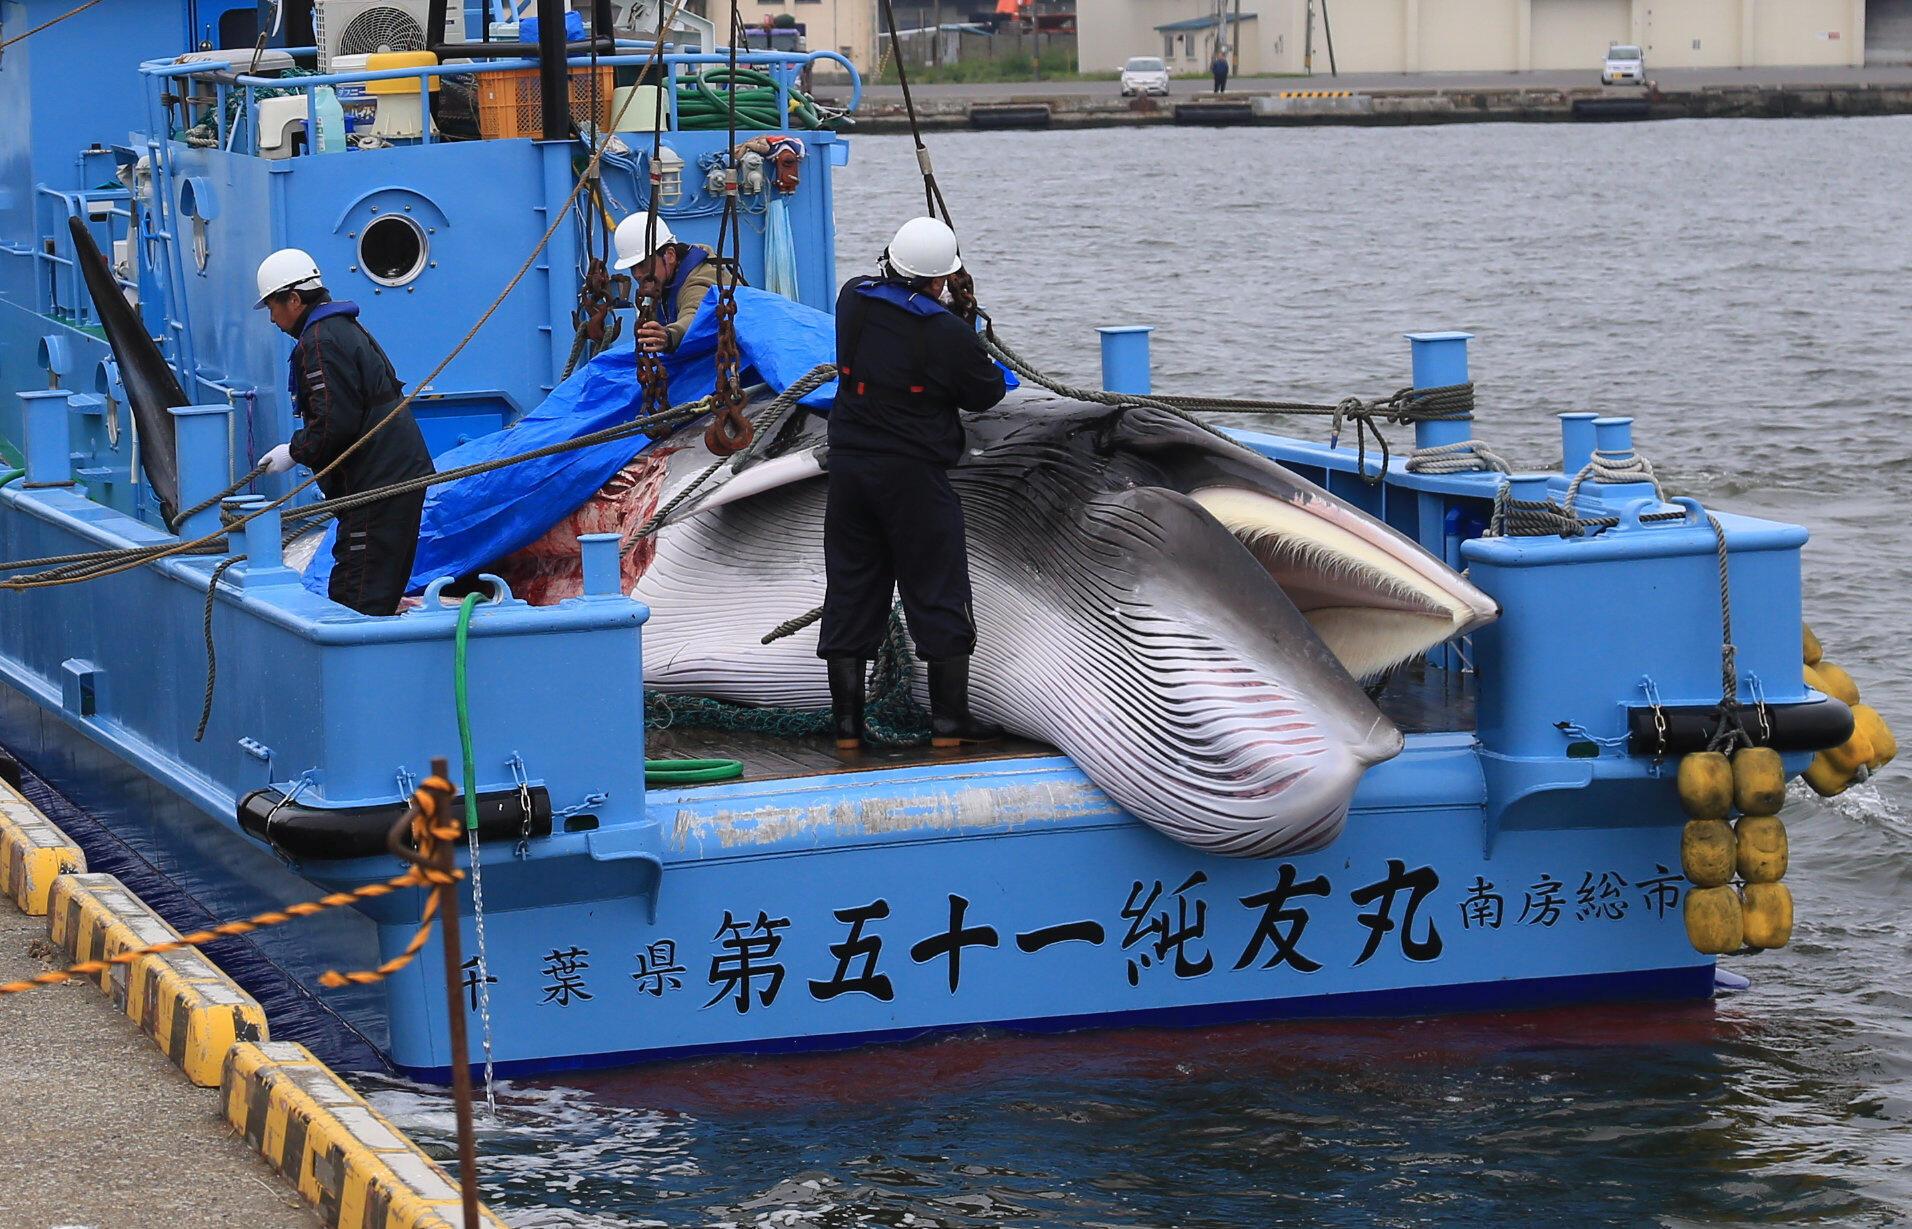 Japão aplica fim da moratória e volta a caçar comercialmente baleias. Os primeiros dois animais foram capturados nesta segunda-feira em aguas territoriais do país.